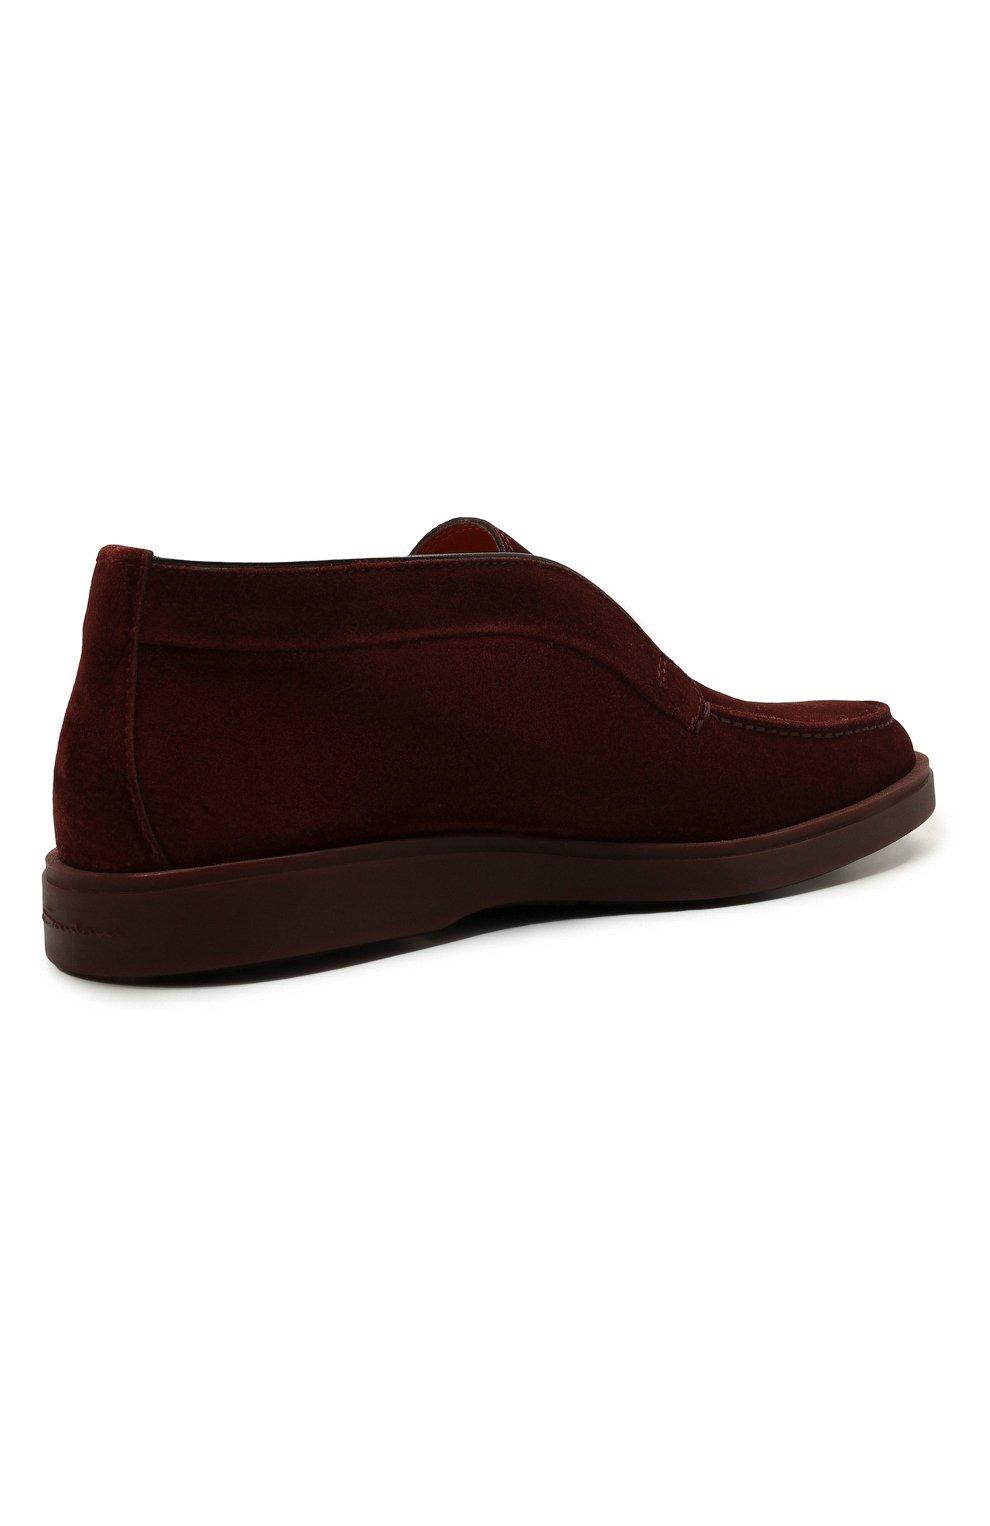 Мужские замшевые ботинки SANTONI бордового цвета, арт. MGDG17823AATESVUQ52   Фото 4 (Мужское Кросс-КТ: Ботинки-обувь; Материал внутренний: Натуральная кожа; Подошва: Плоская; Материал внешний: Замша)